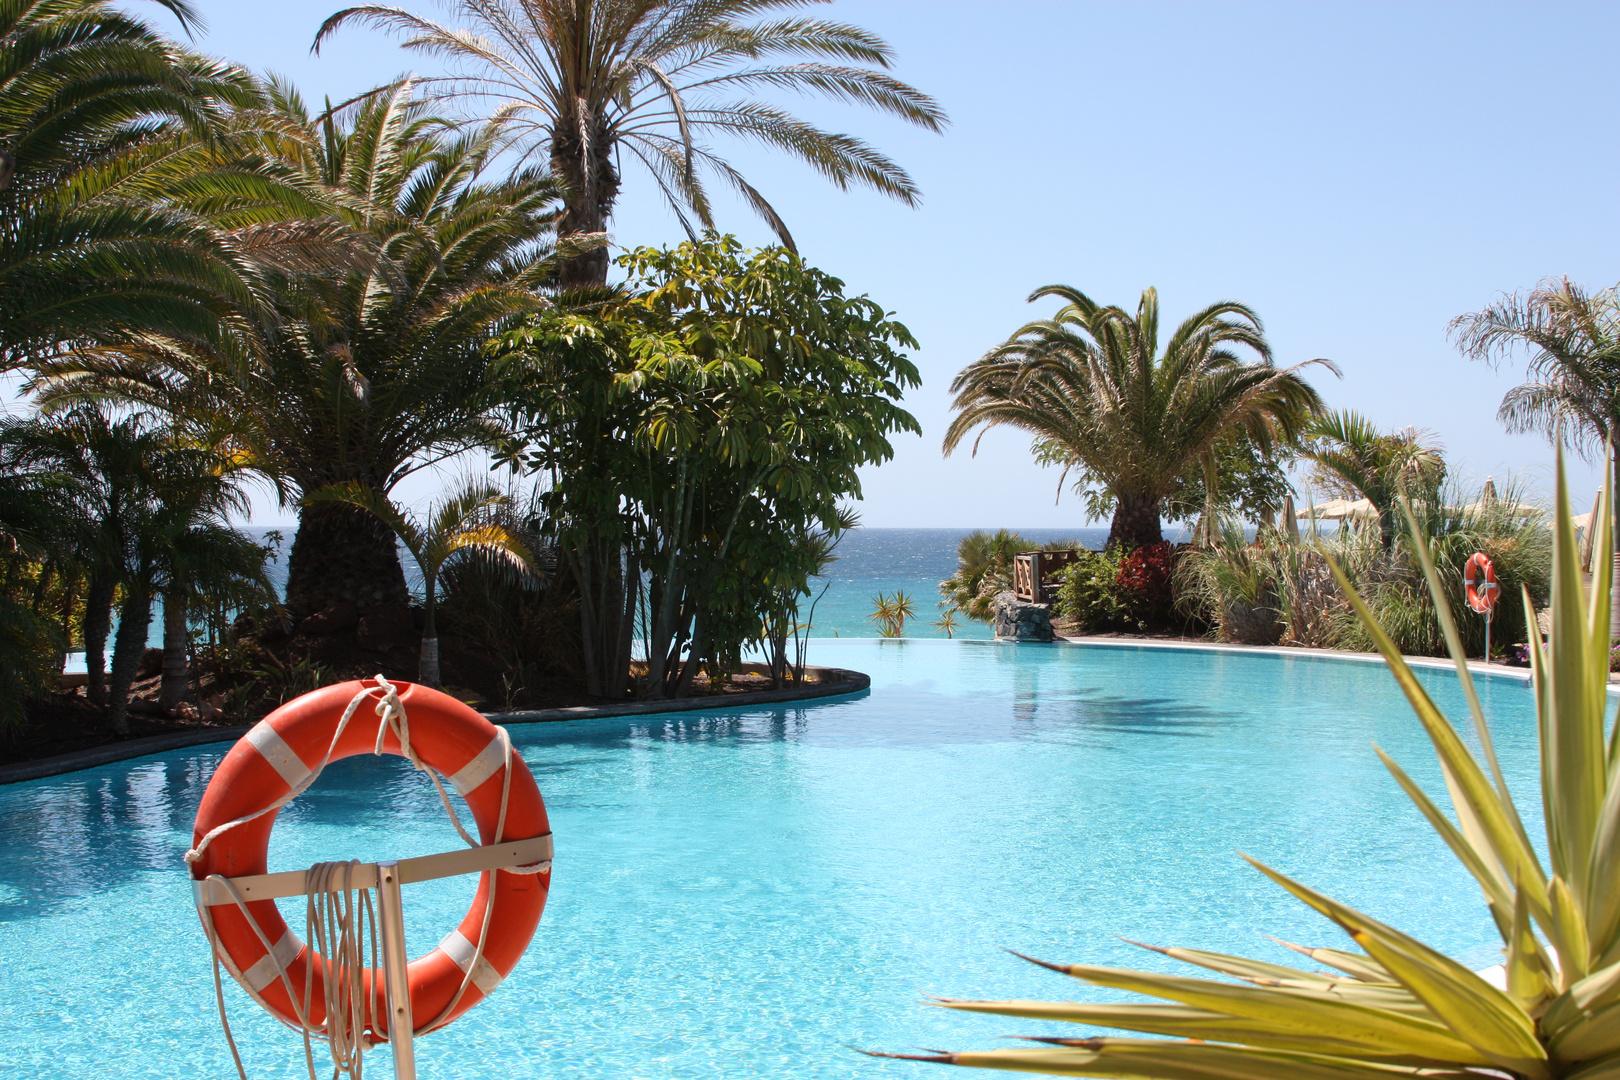 Wo Pool und Meer sich küssen:-)